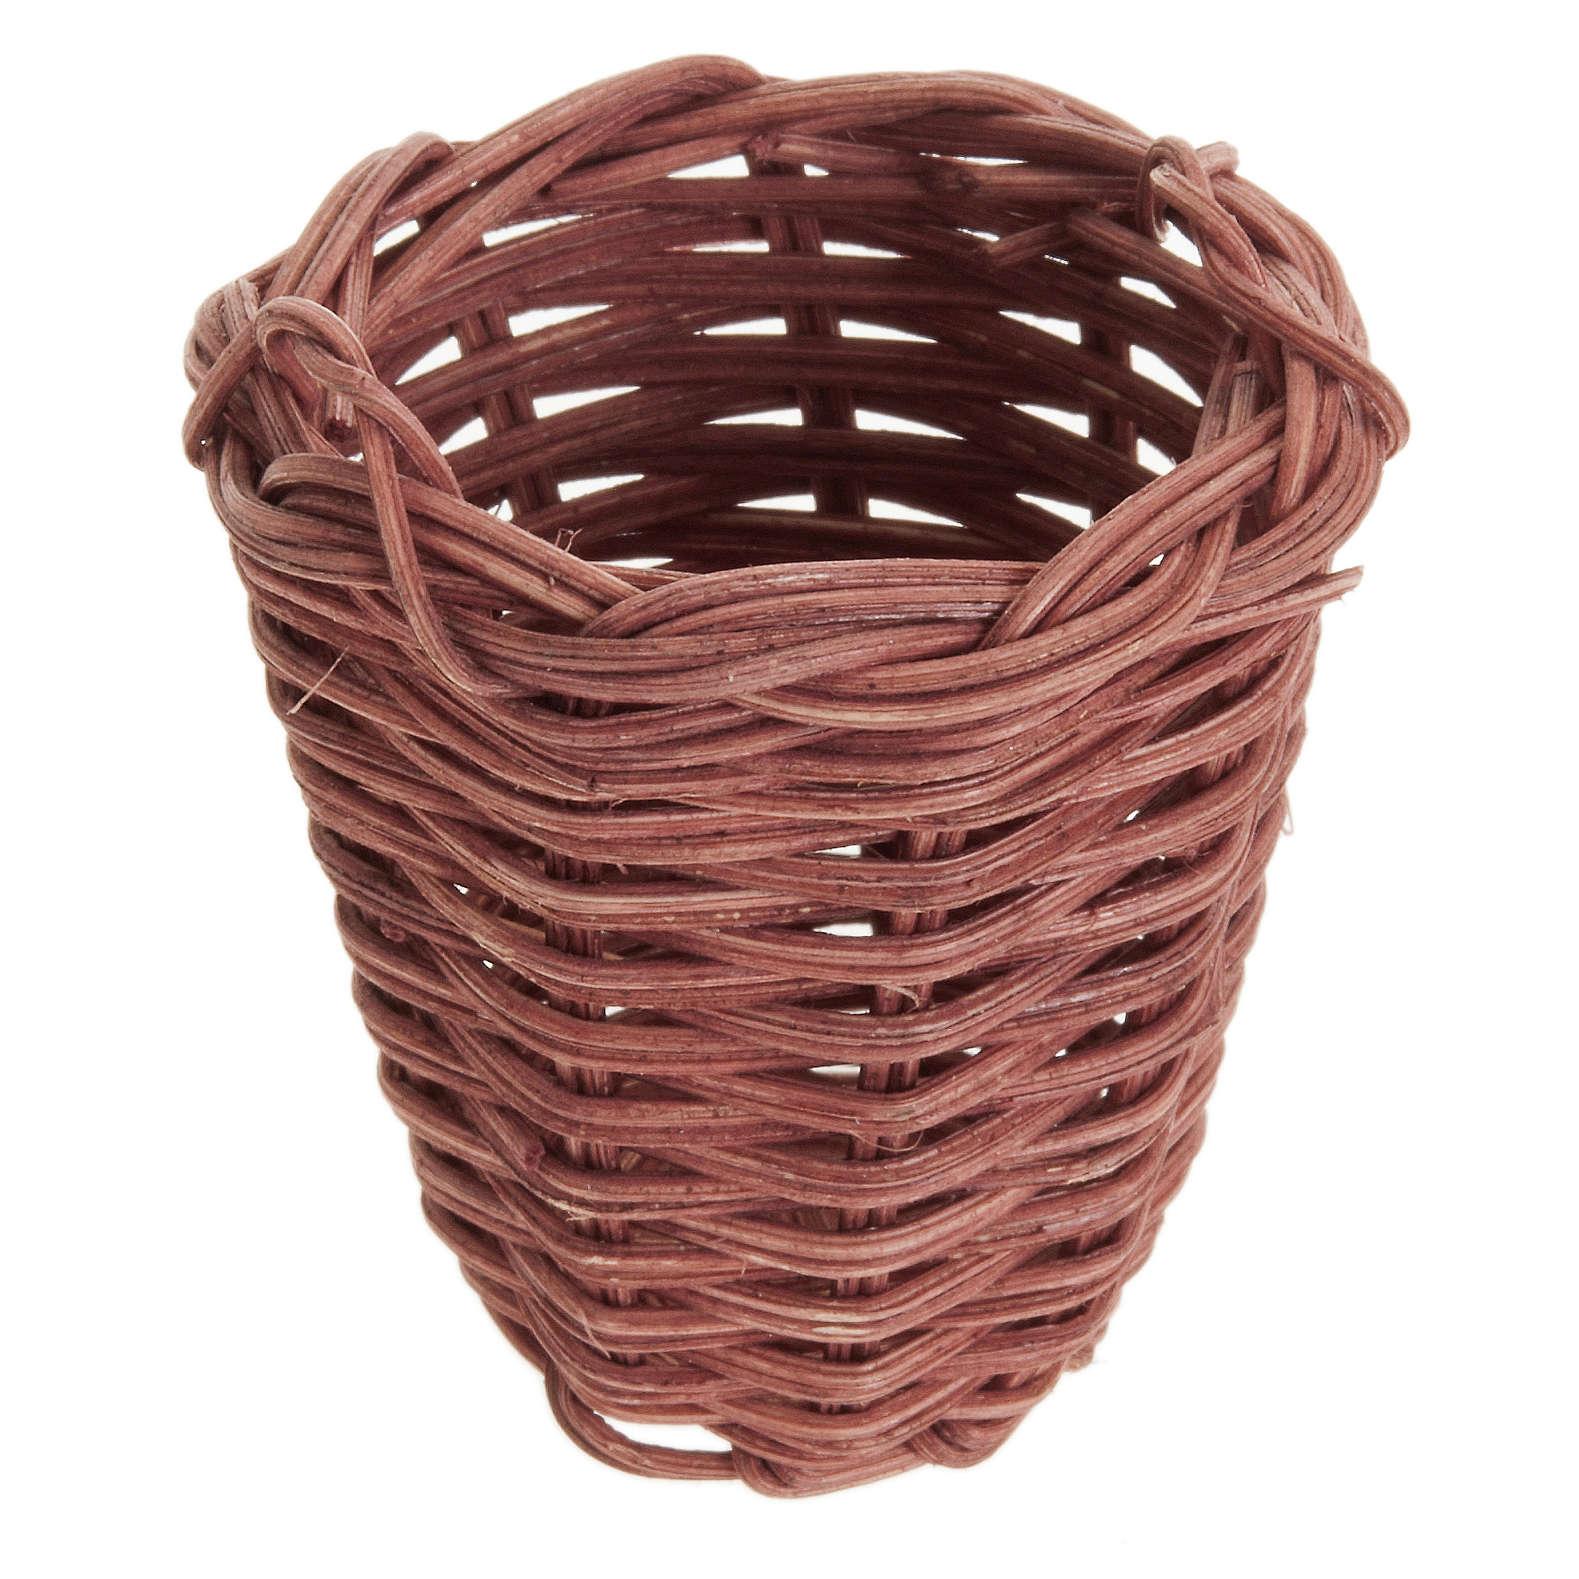 Koszyczek z wikliny szopka 5 cm 4